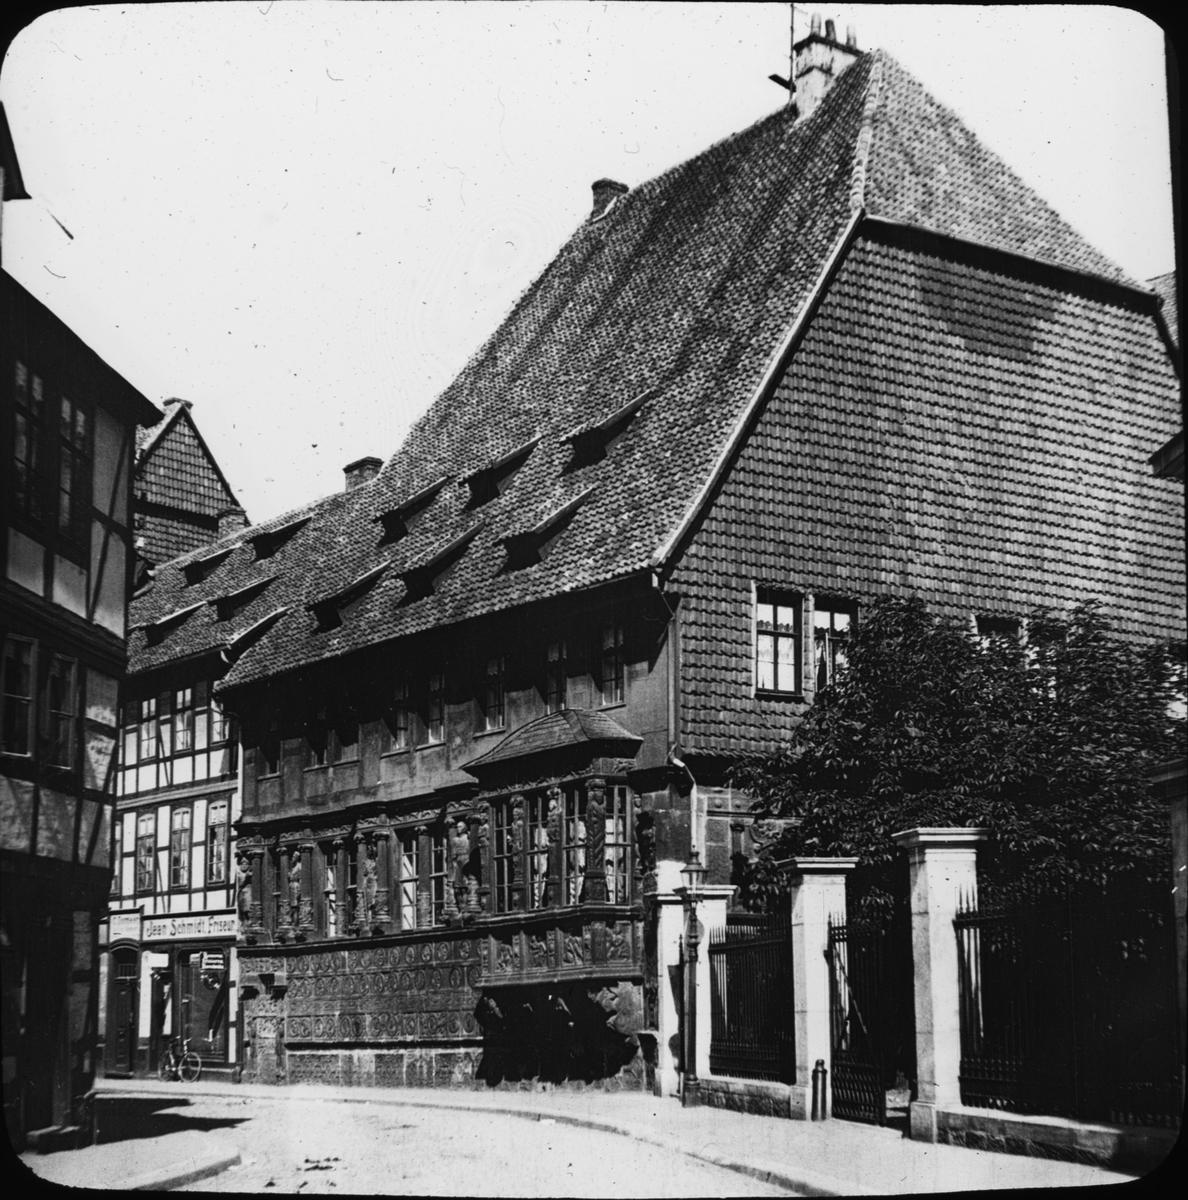 """Skioptikonbild med motiv av det Kejserliga huset, Kaiserhaus i Hildesheim. Bilden har förvarats i kartong märkt: Vårresan 1909. Hildesheim 9. V. Text på bild: """"Das Kaiserhaus 1586-81""""."""